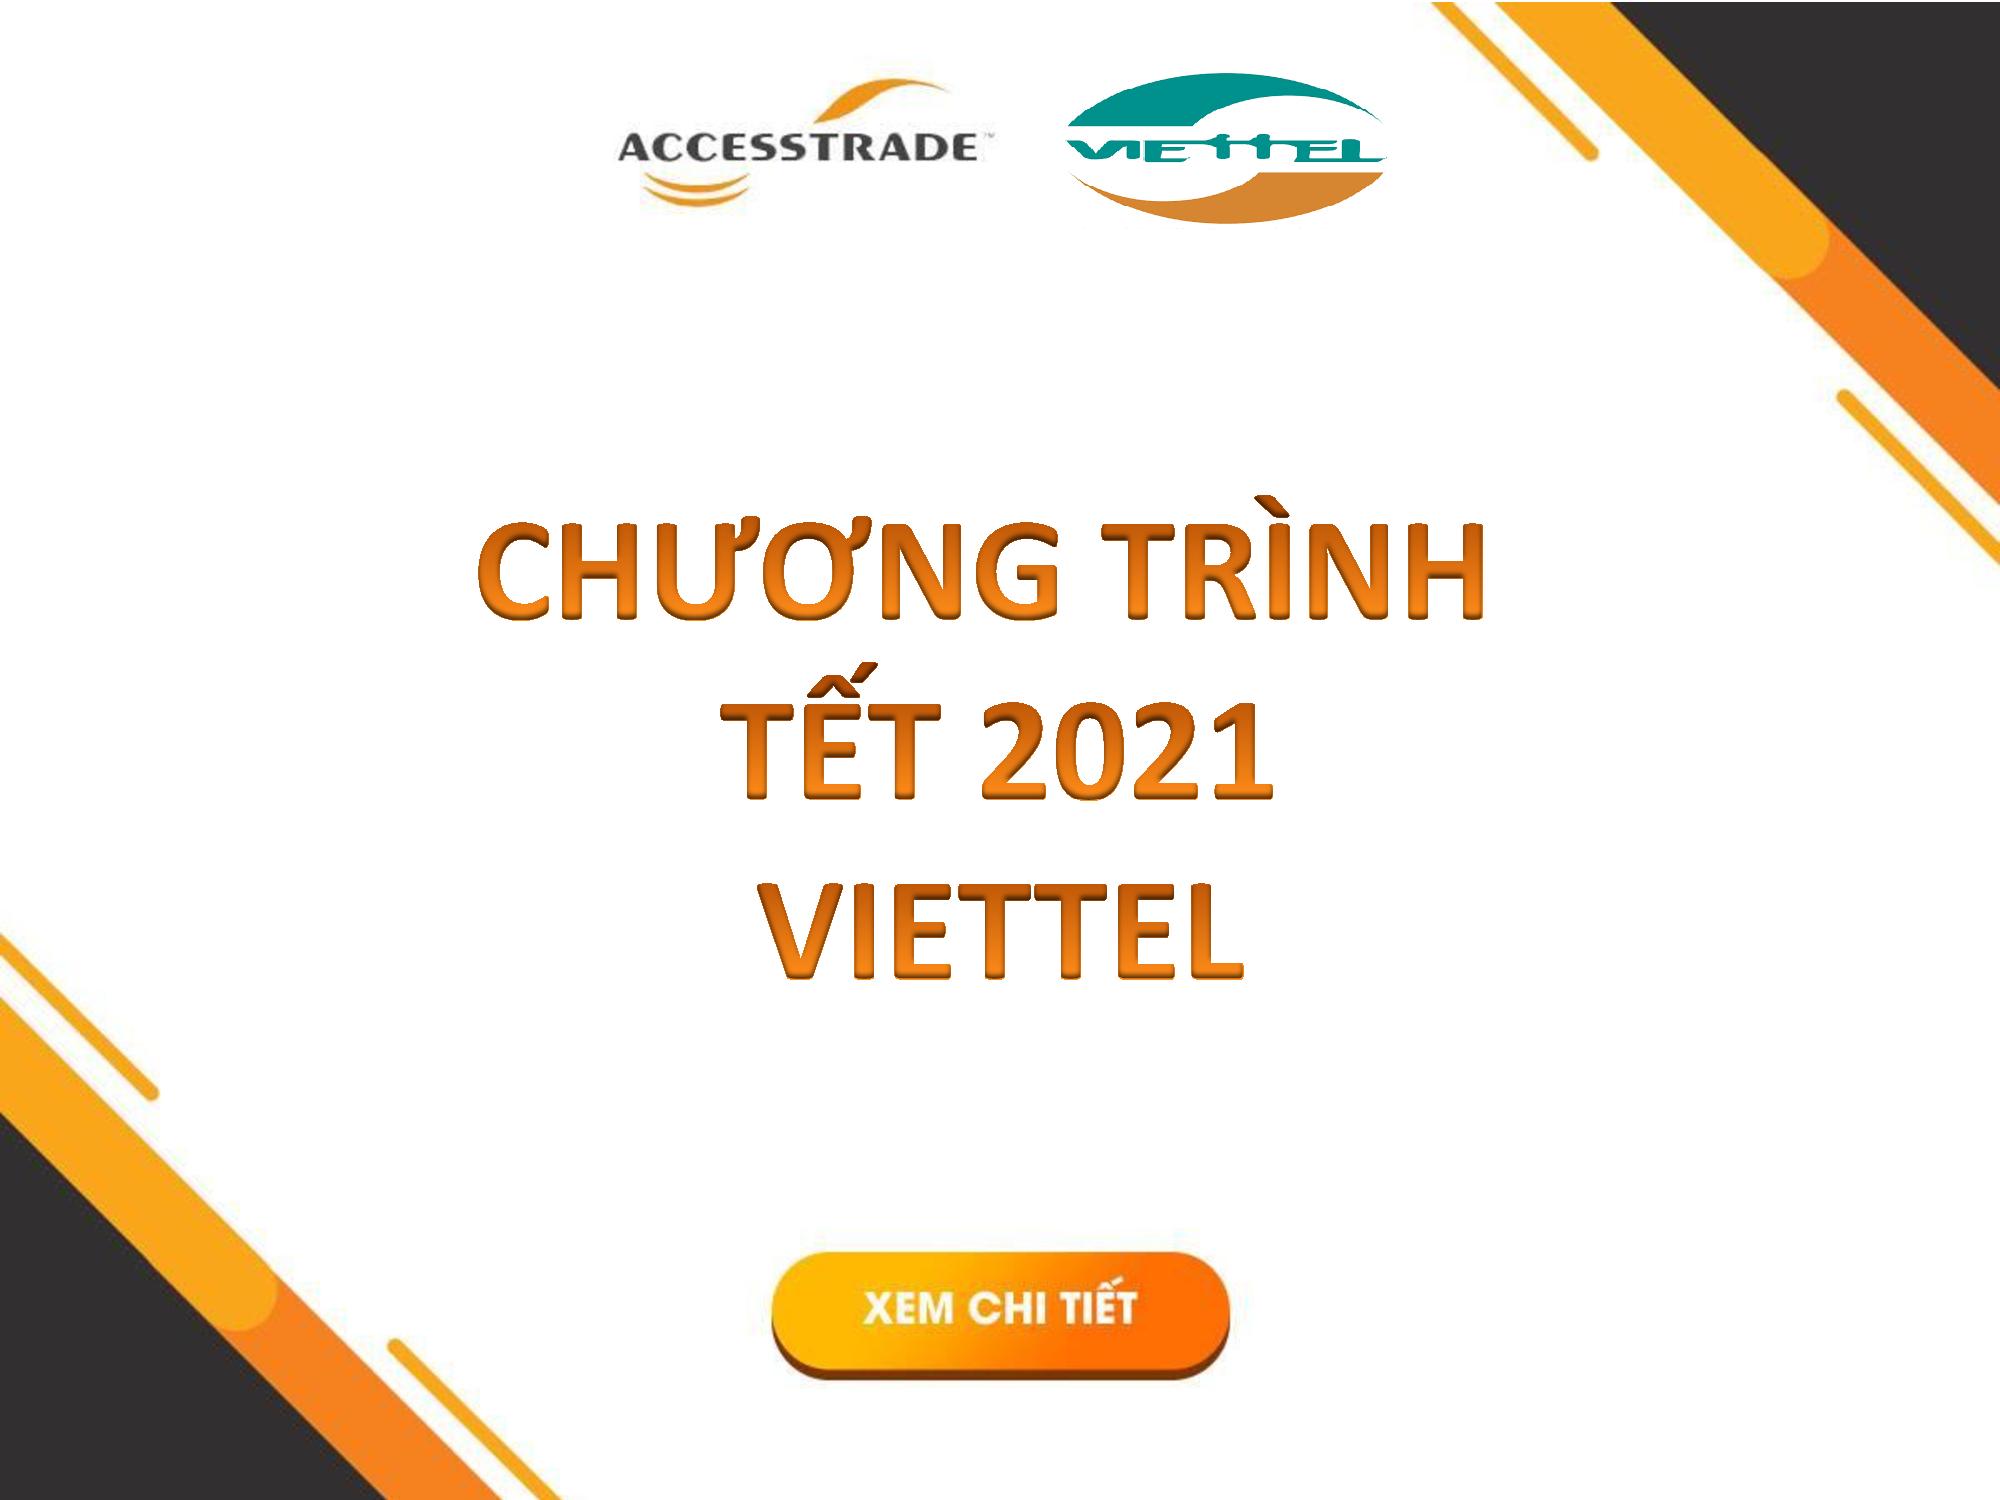 CHƯƠNG TRÌNH TẾT 2021 VIETTEL